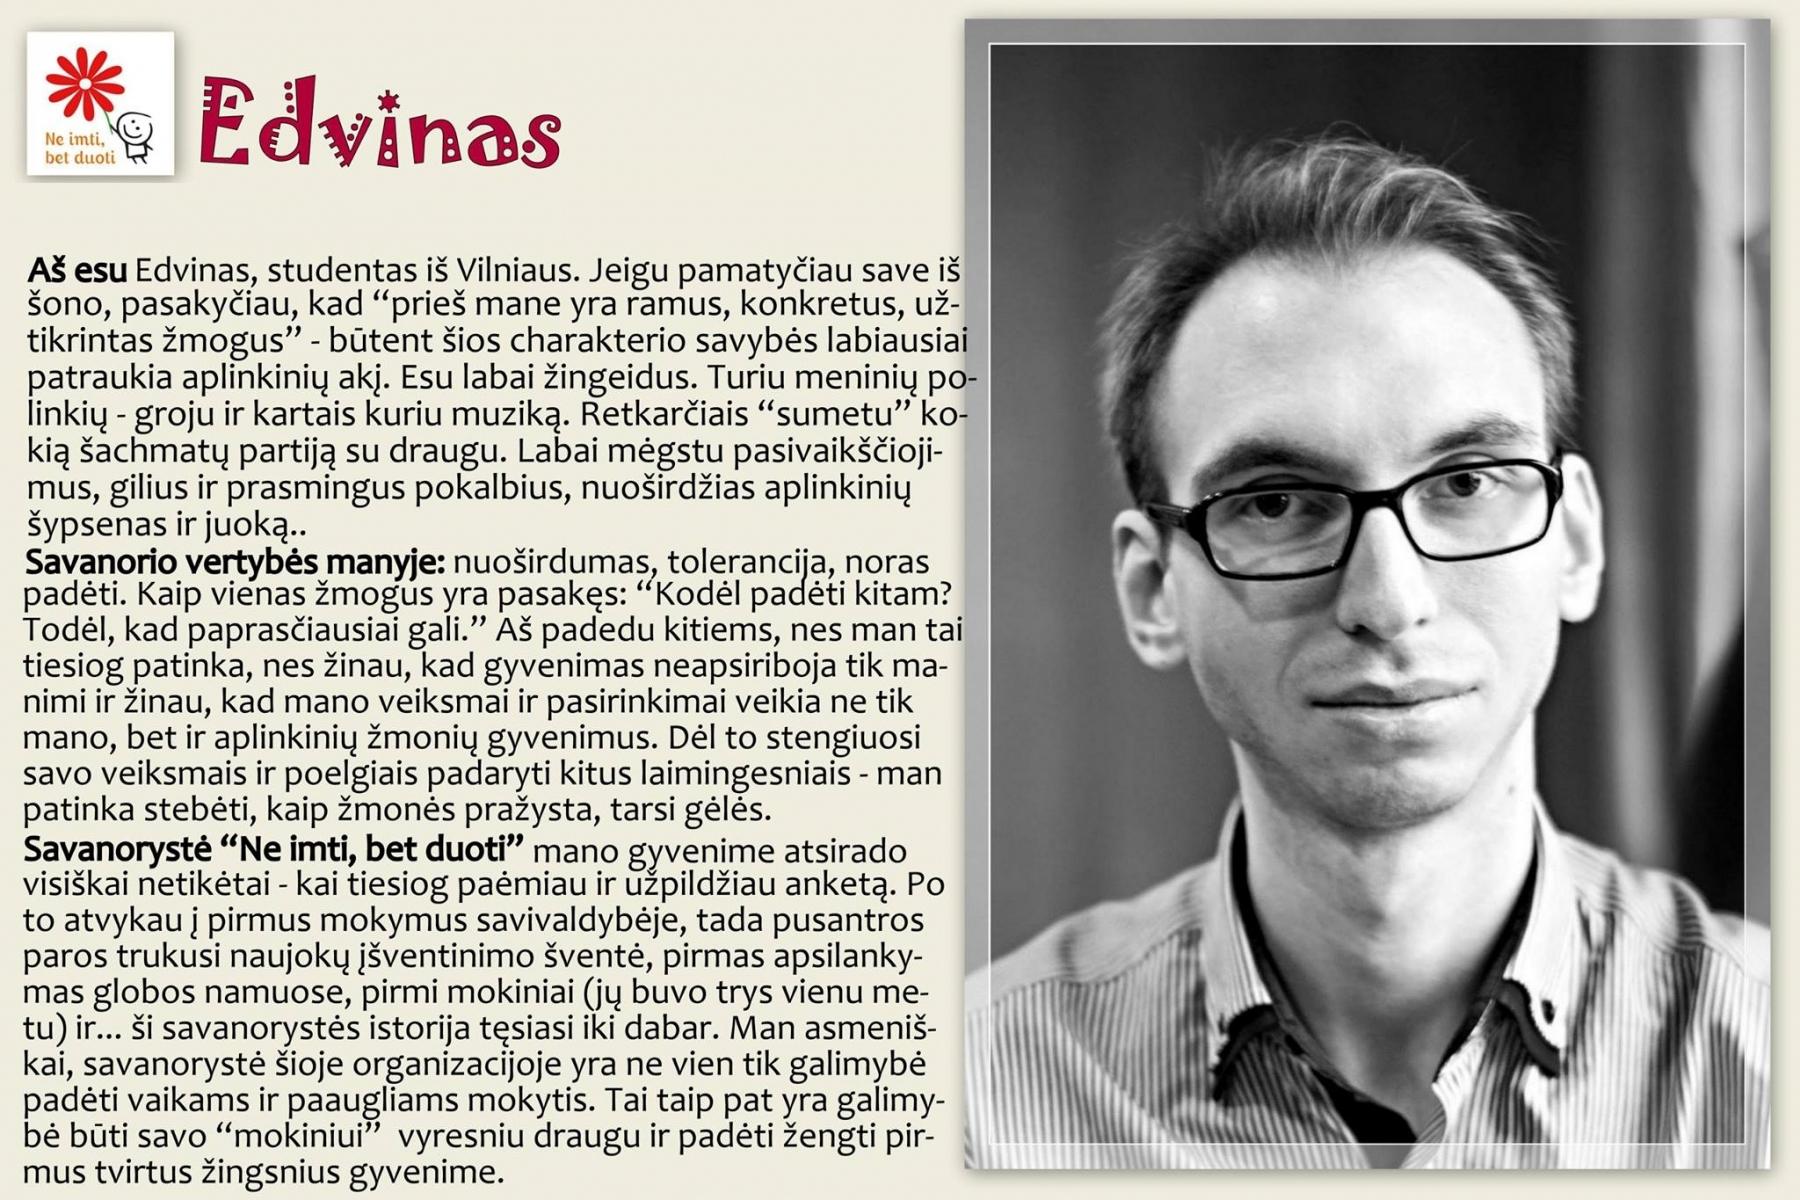 Edvinas Lukjancukas